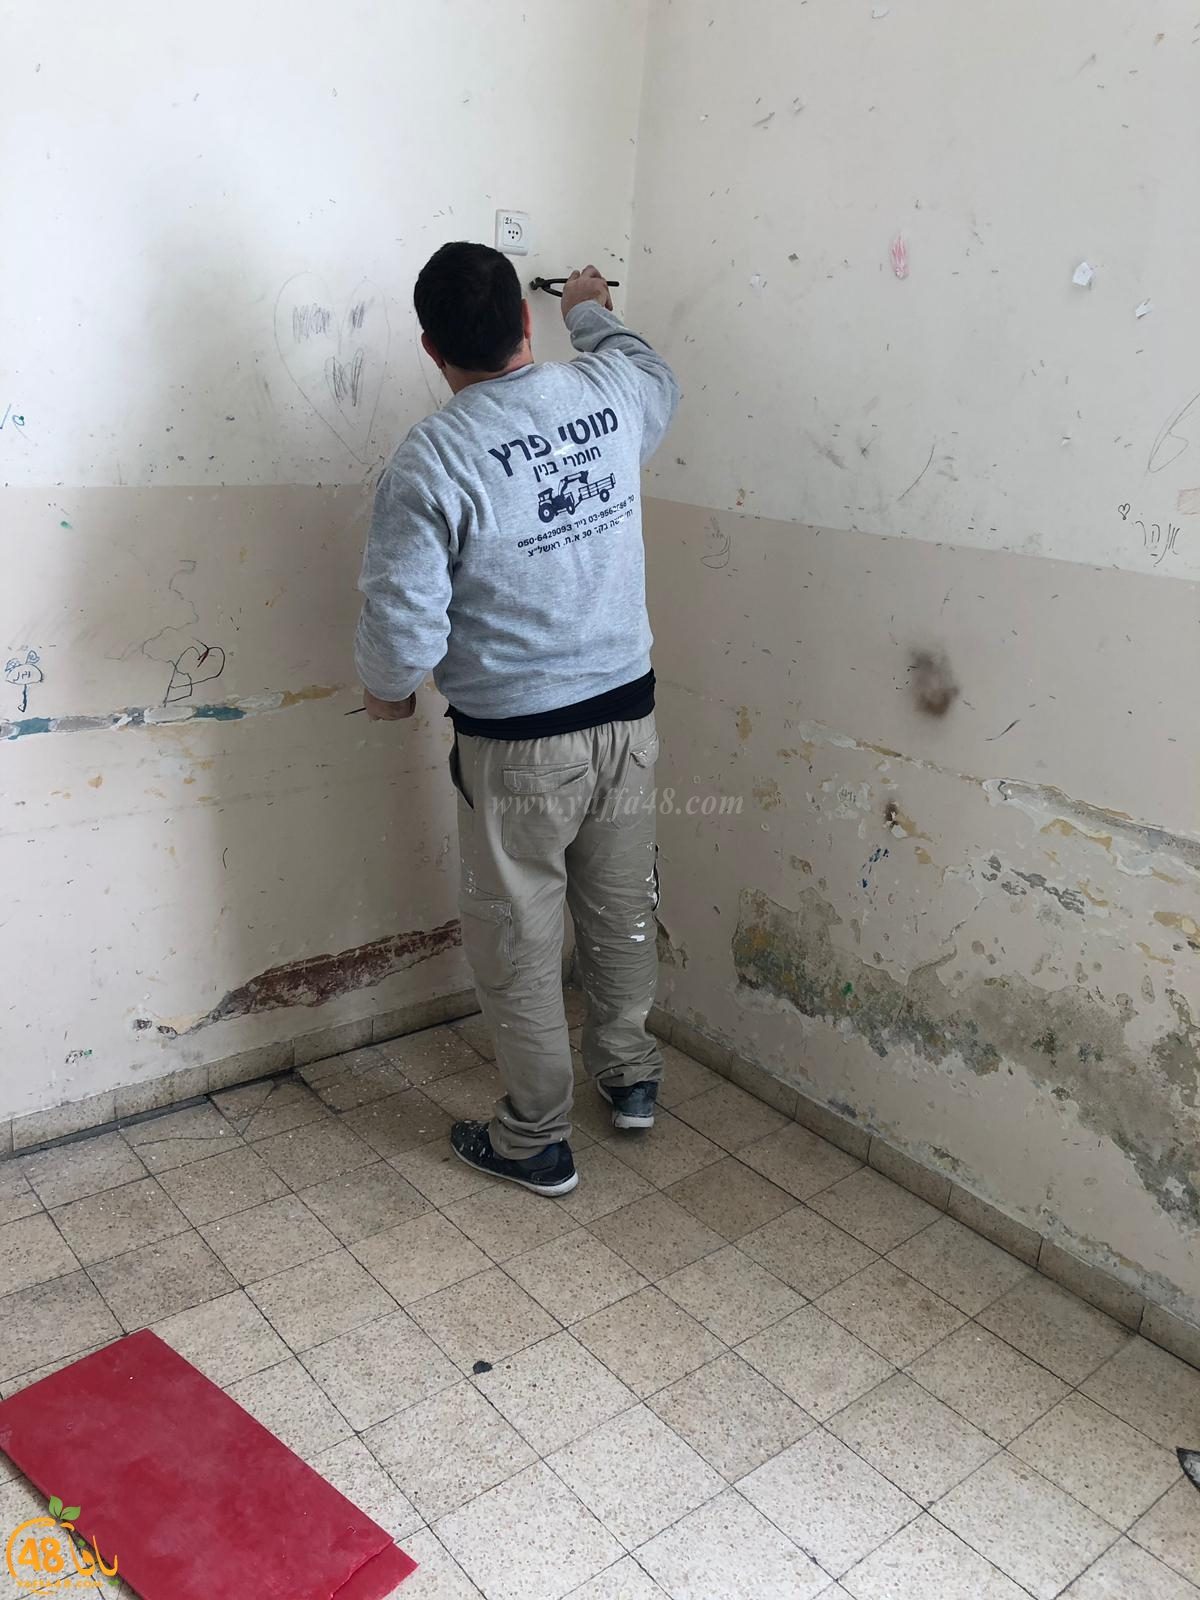 بالصور: البدء بترميم مبنى مقر النادي الاسلامي في مدينة يافا